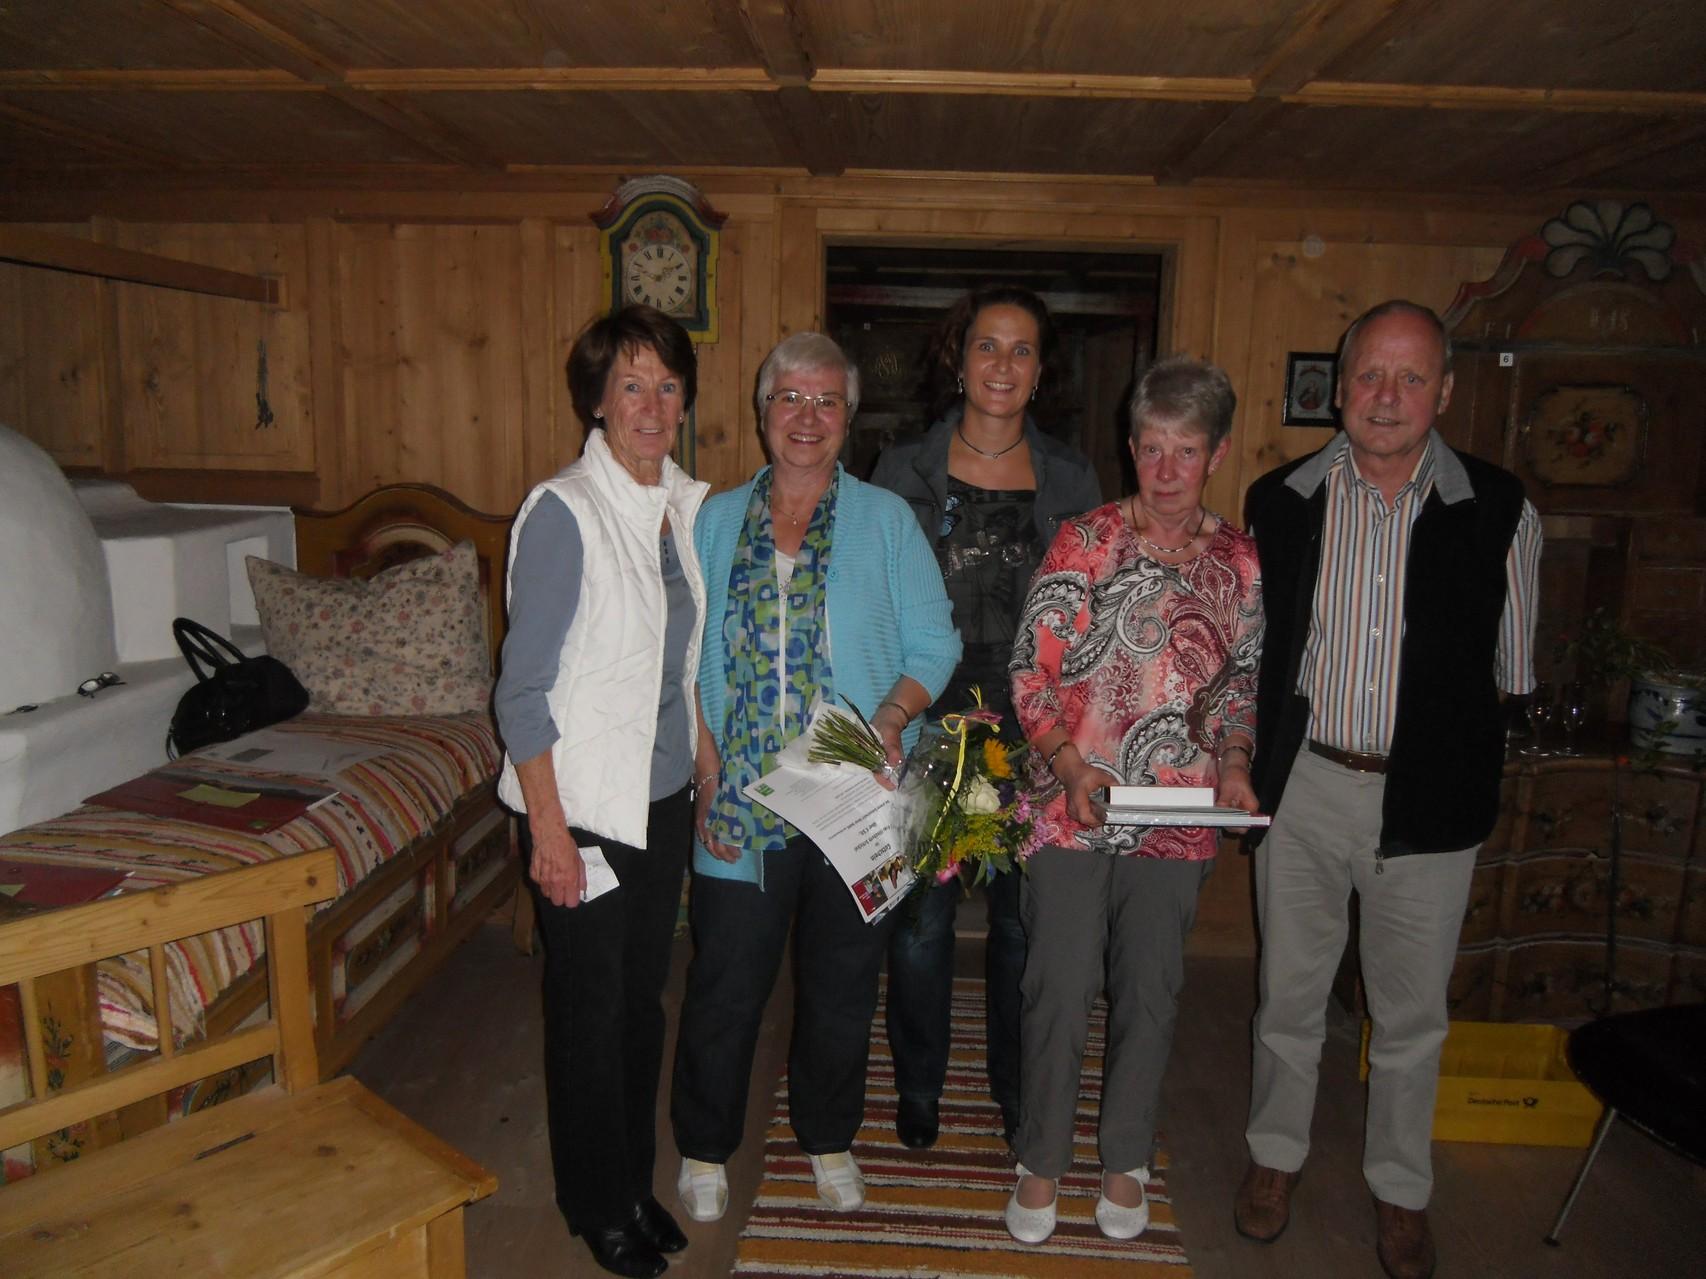 Gäste-Ehrungen Frau Schickel 94x und Fam. Seeger 37x zu Gast bei uns.